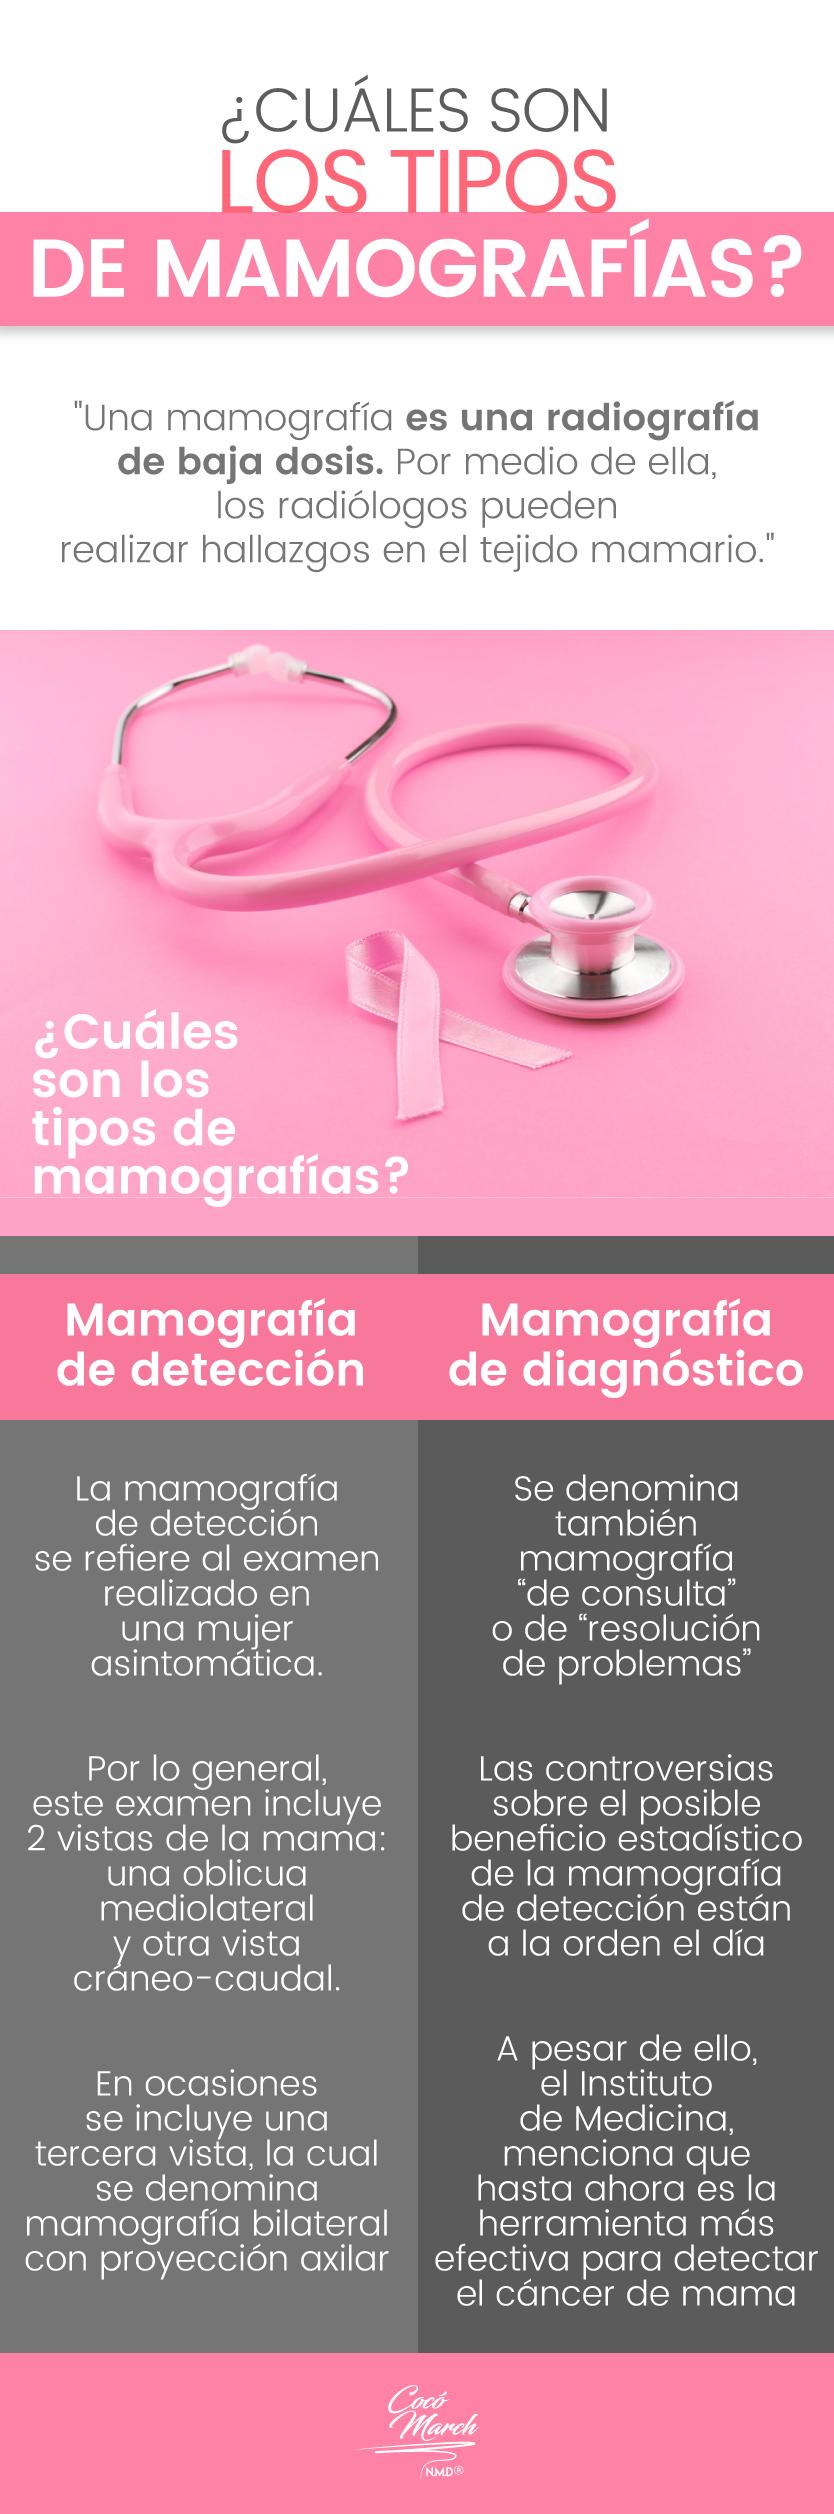 tipos-de-mamografias